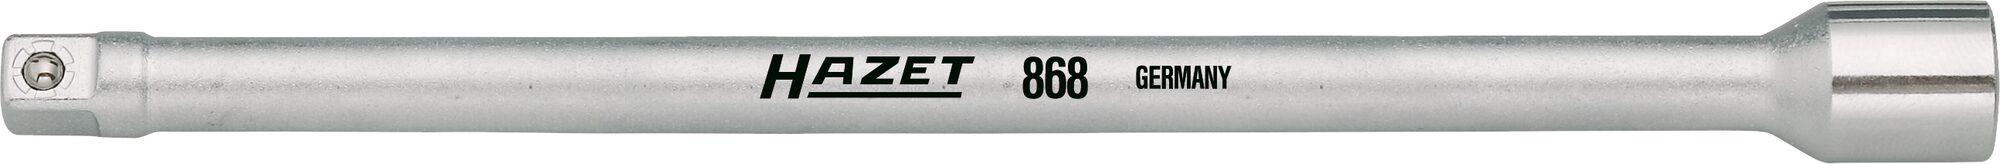 HAZET Verlängerung 868 ∙ Vierkant hohl 6,3 mm (1/4 Zoll) ∙ Vierkant massiv 6,3 mm (1/4 Zoll)